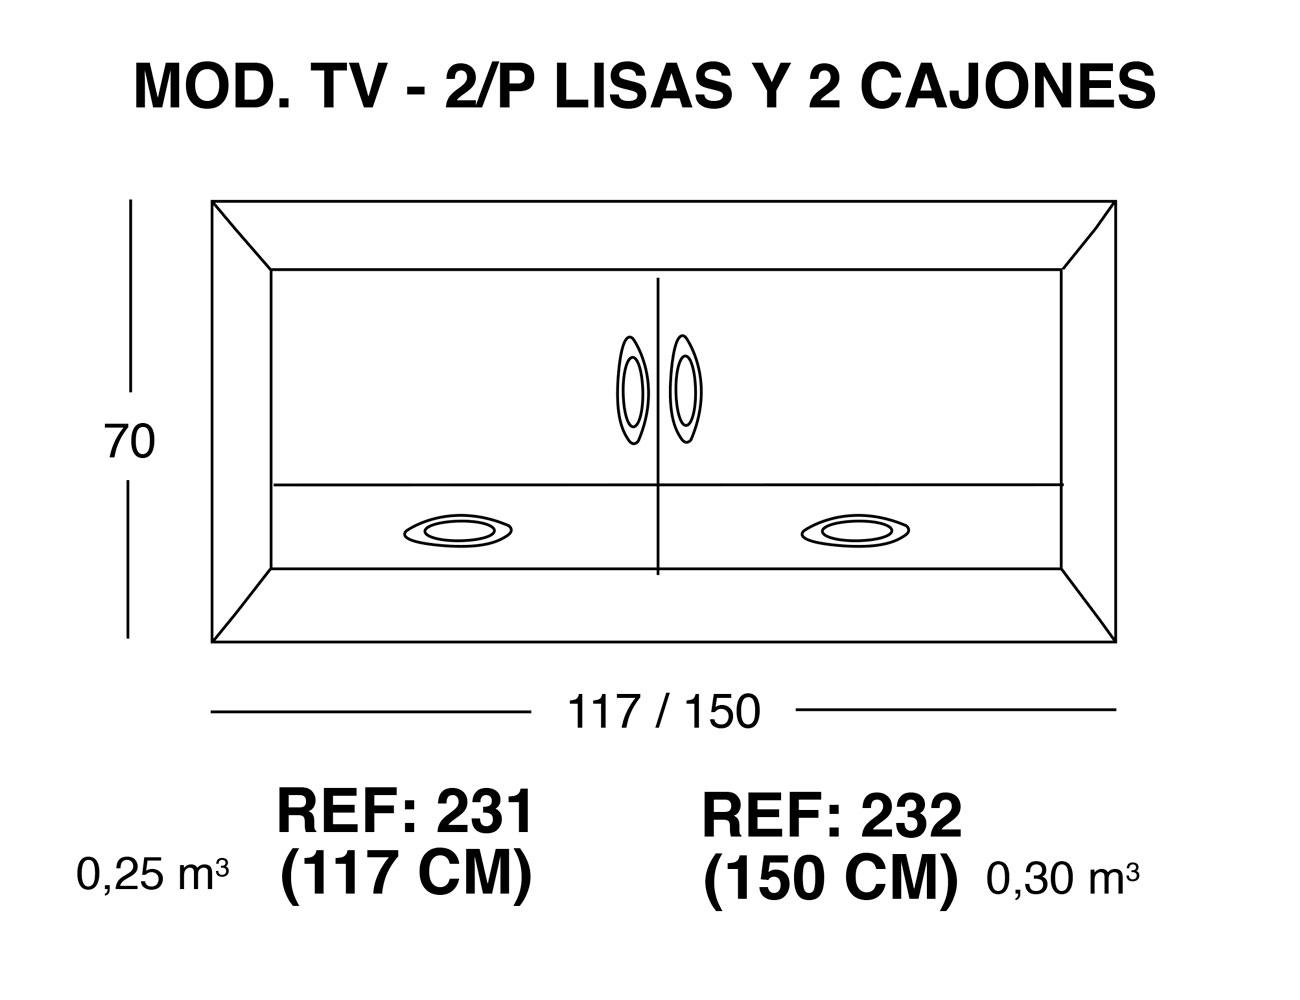 Modulo tv 2p lisas 2 cajones